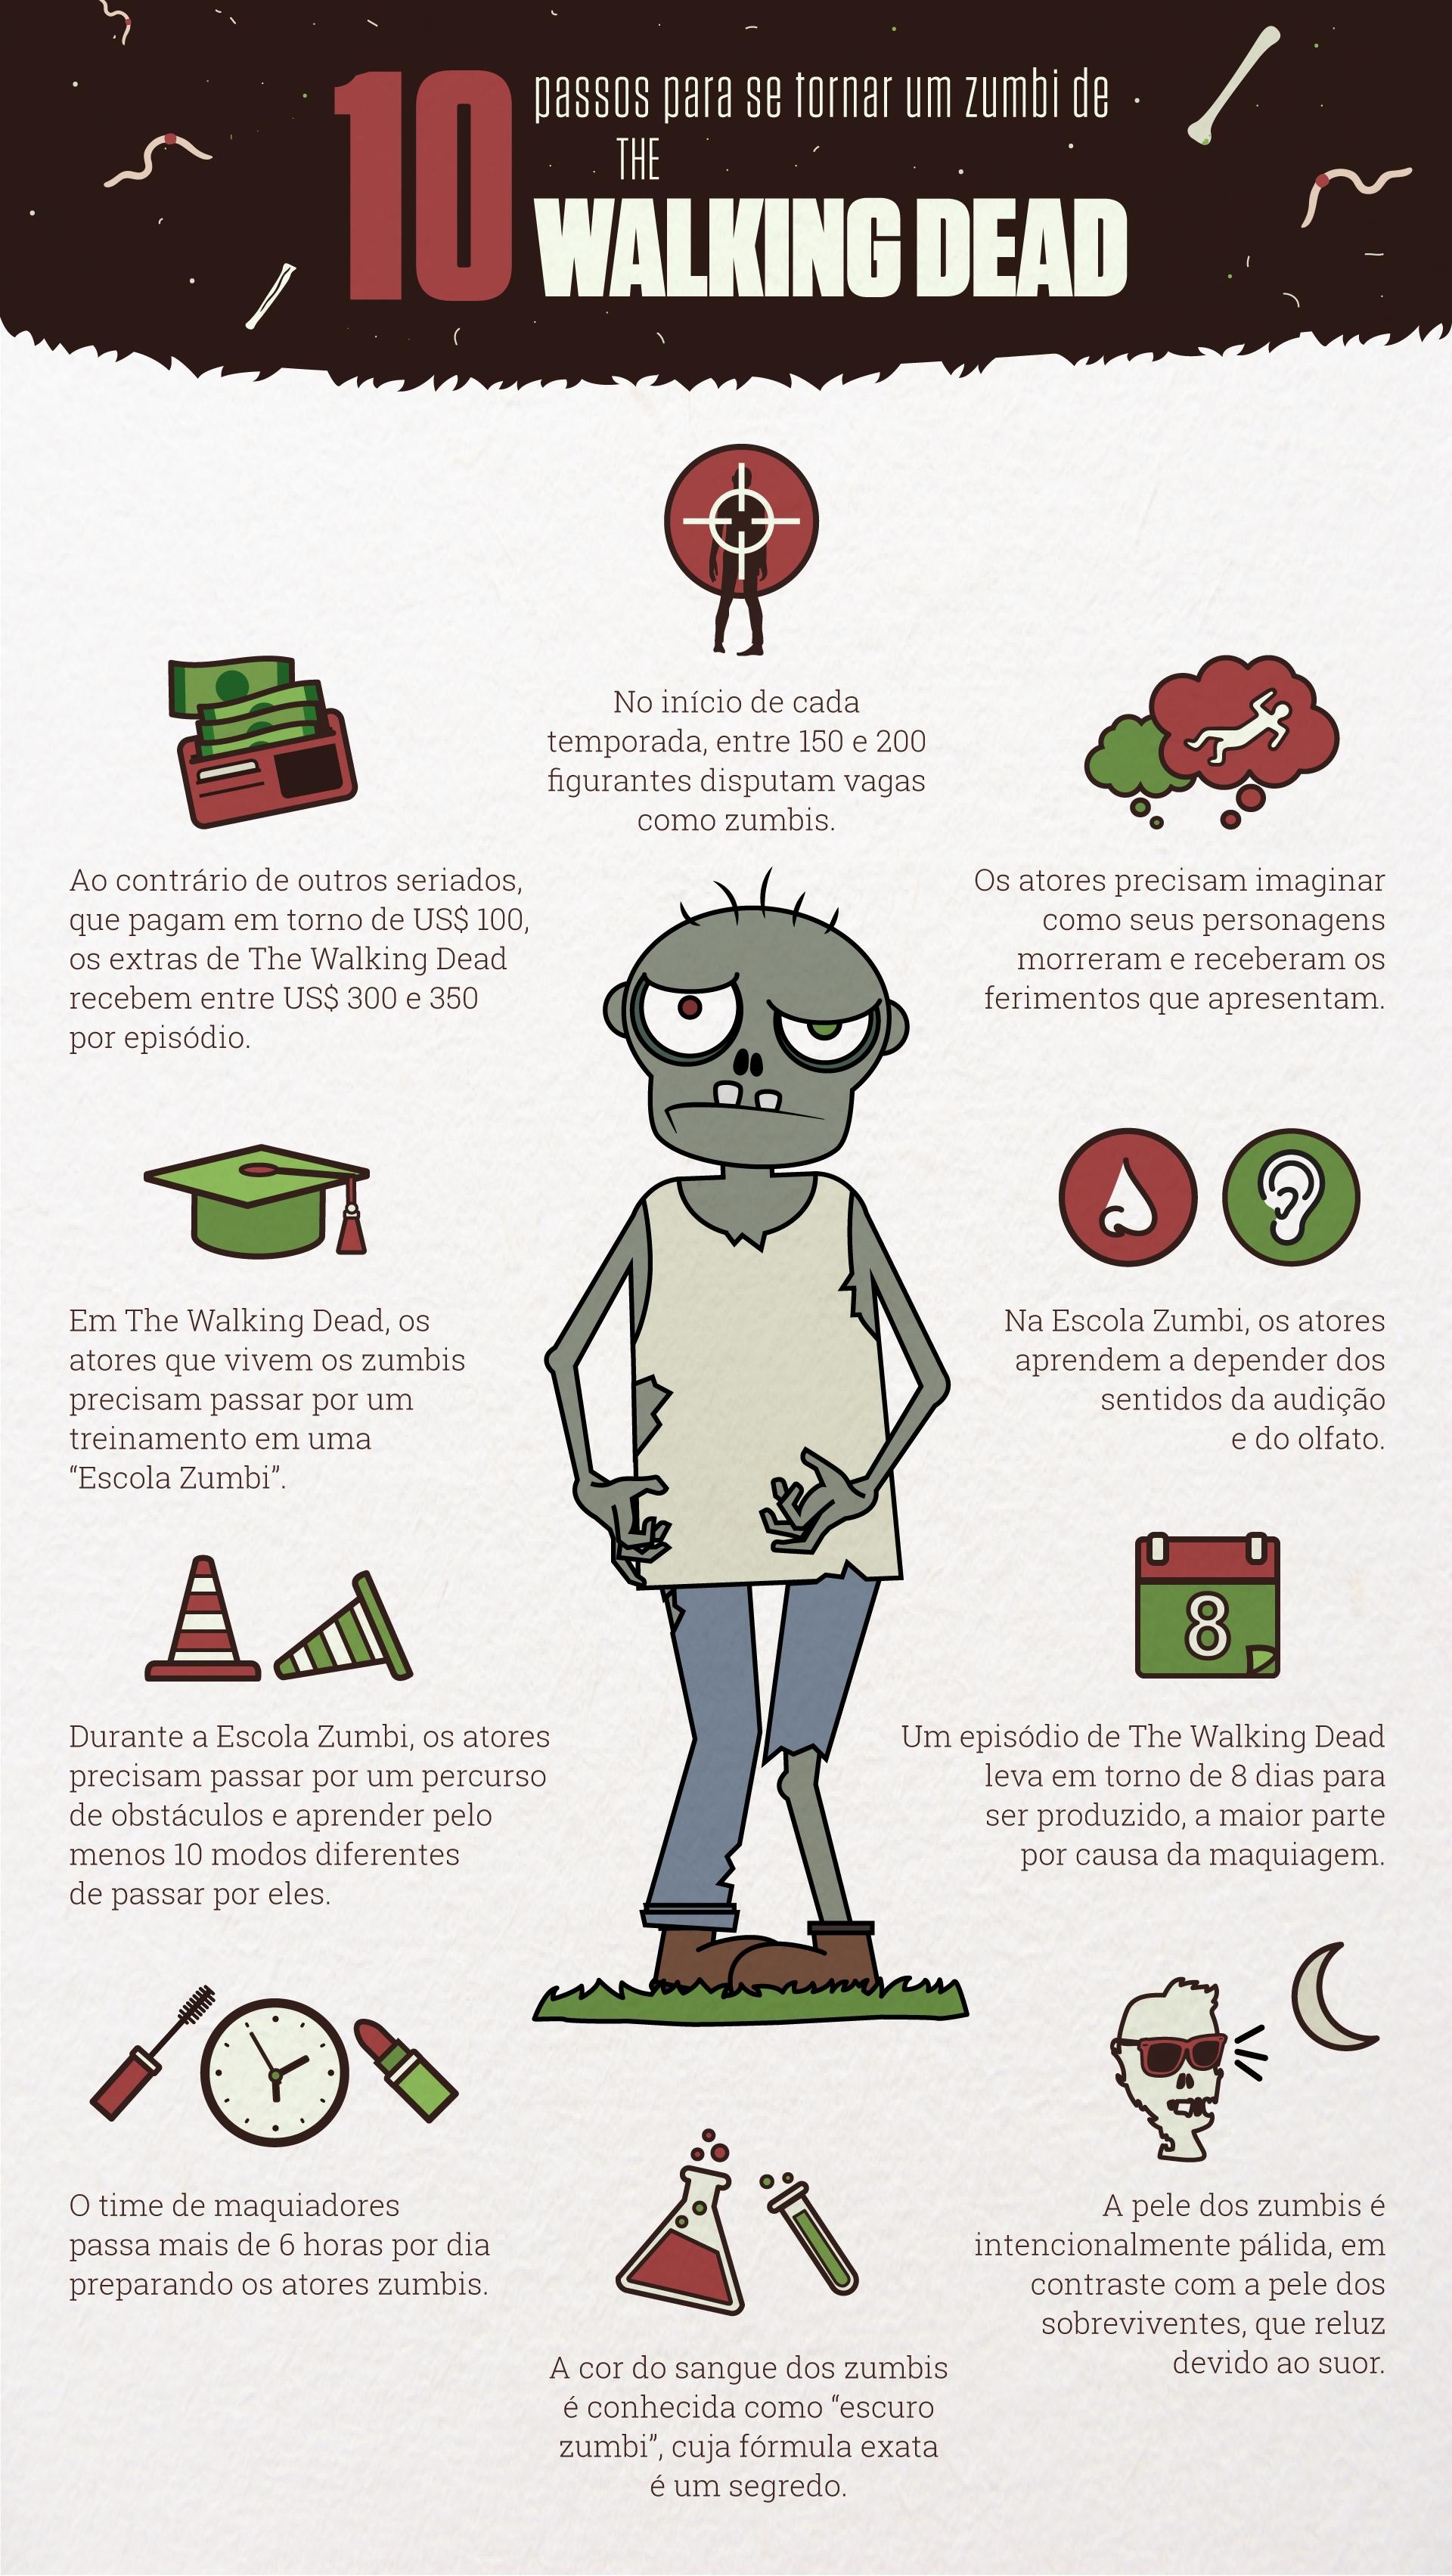 10 curiosidades sobre como é ser um zumbi em The Walking Dead [infográfico]